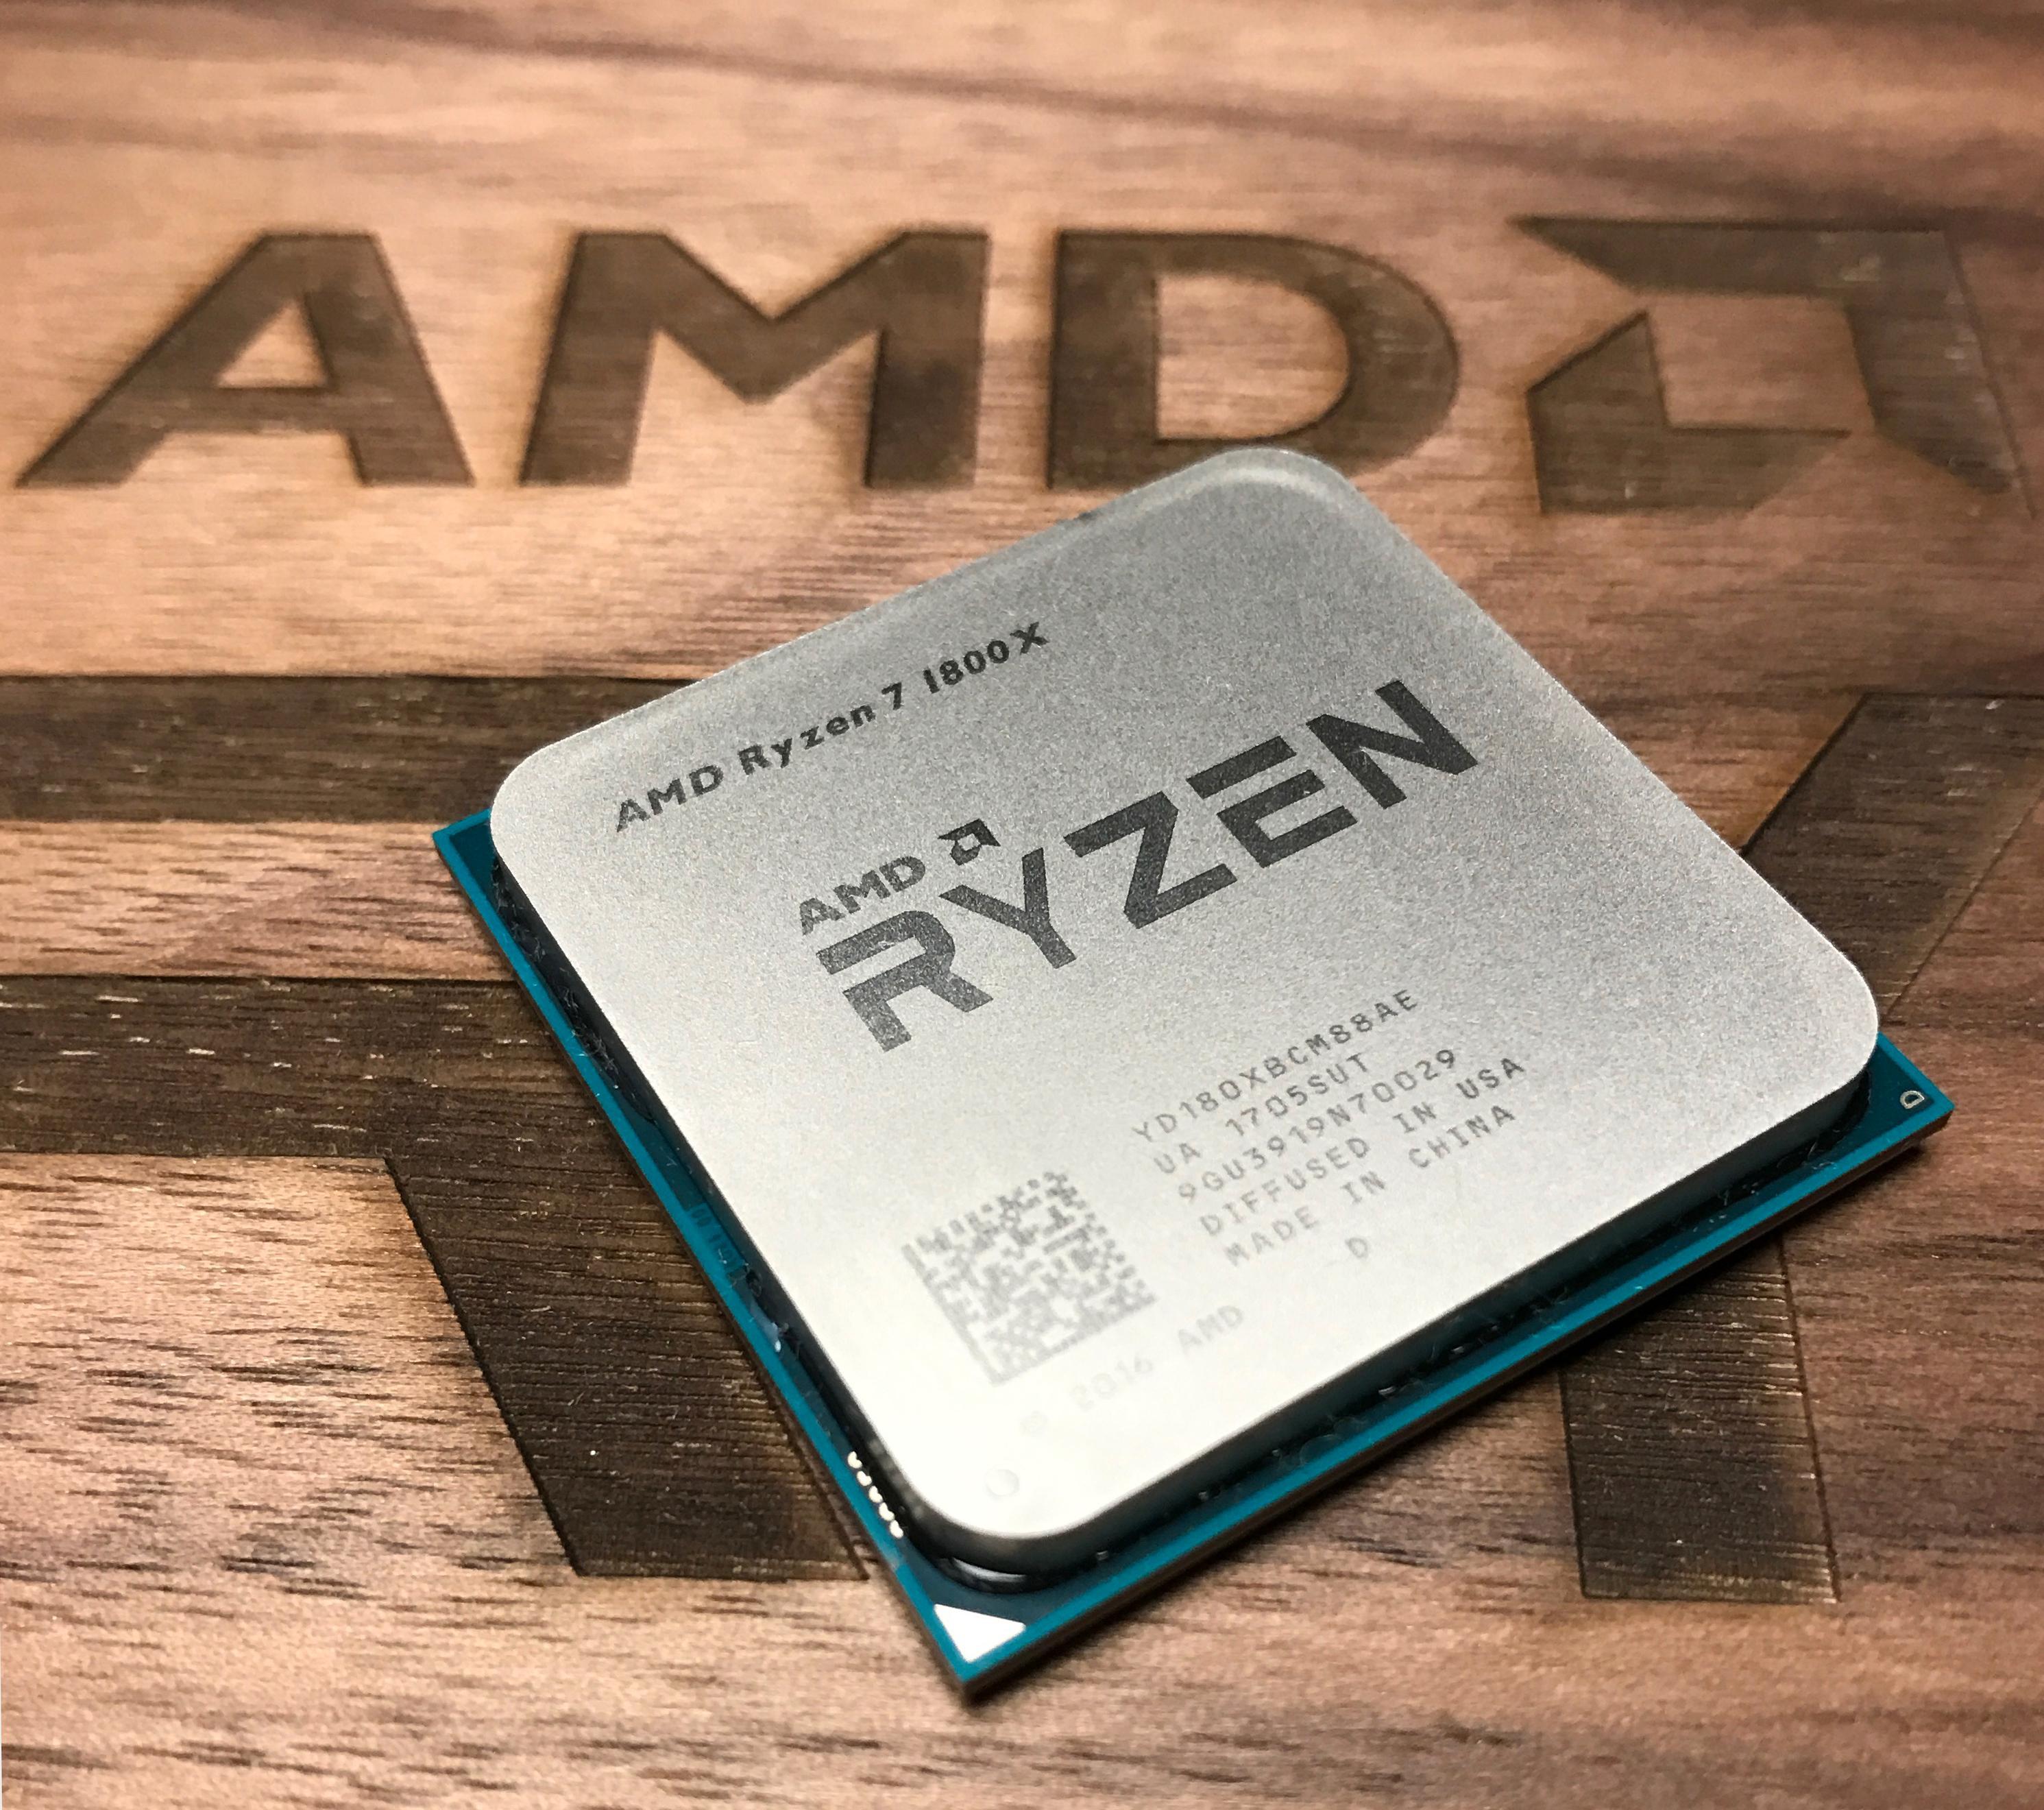 Det aldrende flaggskipet AMD Ryzen 7 1800X er ikke god nok til Windows 11, mener Microsoft. Men da er det en god unnskyldning for å oppgradere til en nyere og gjerne sterkere prosessor.